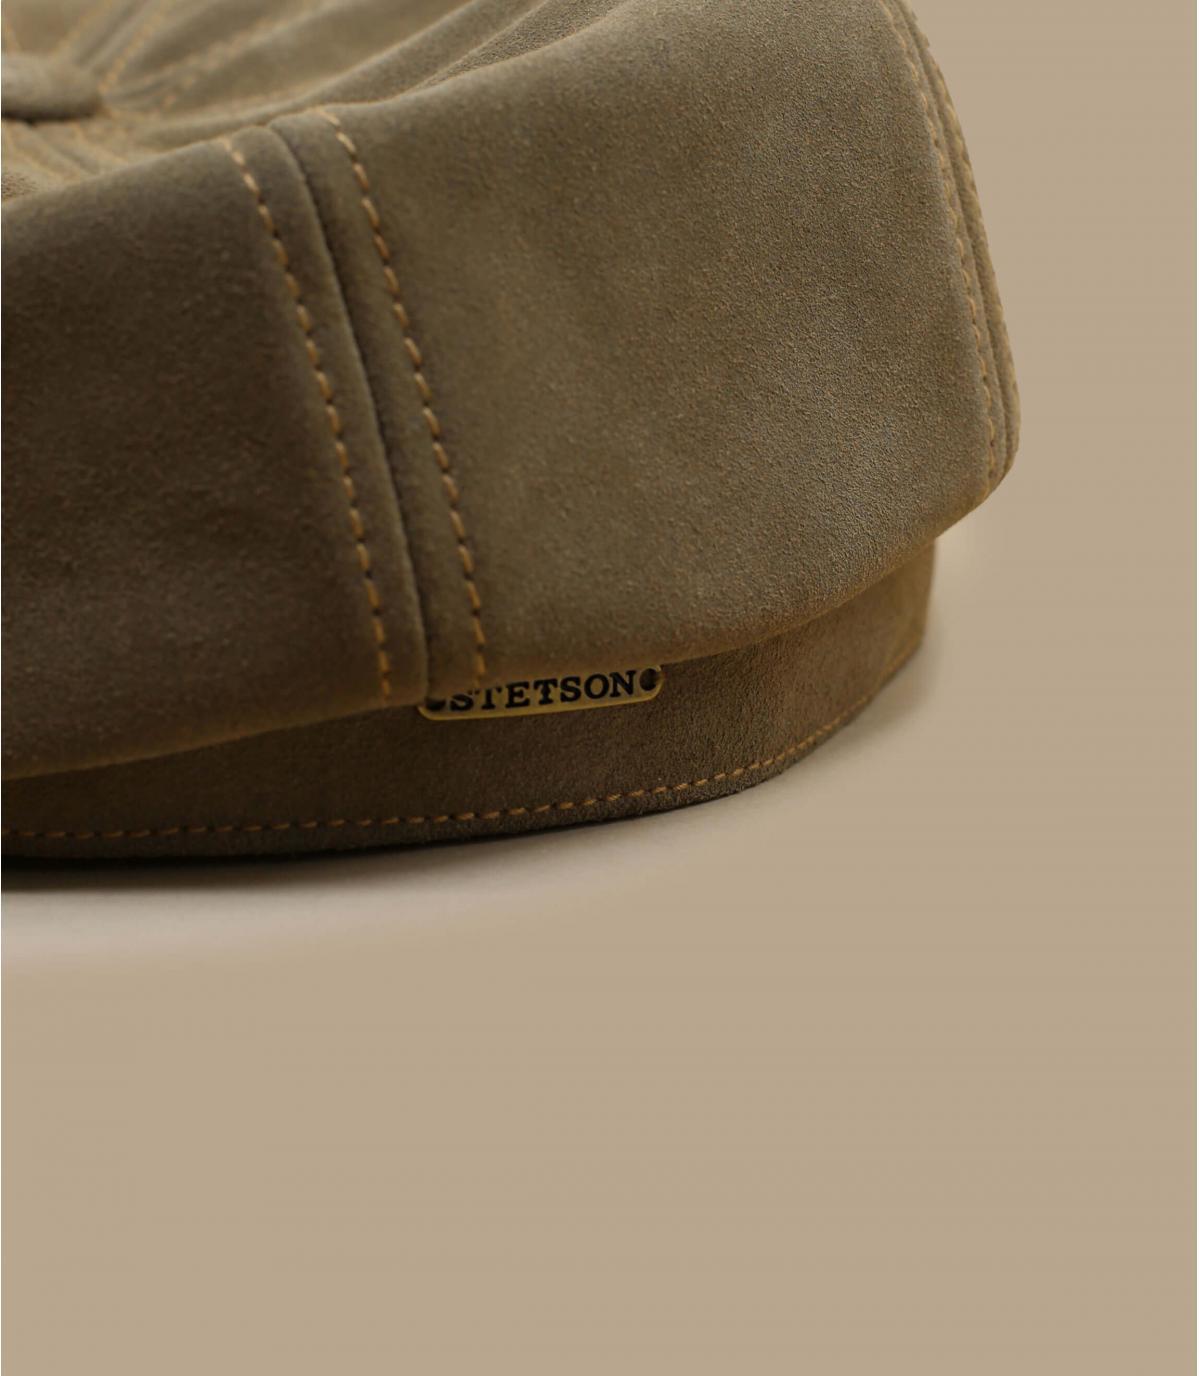 Detalles Hatteras Calf Leather beige imagen 2